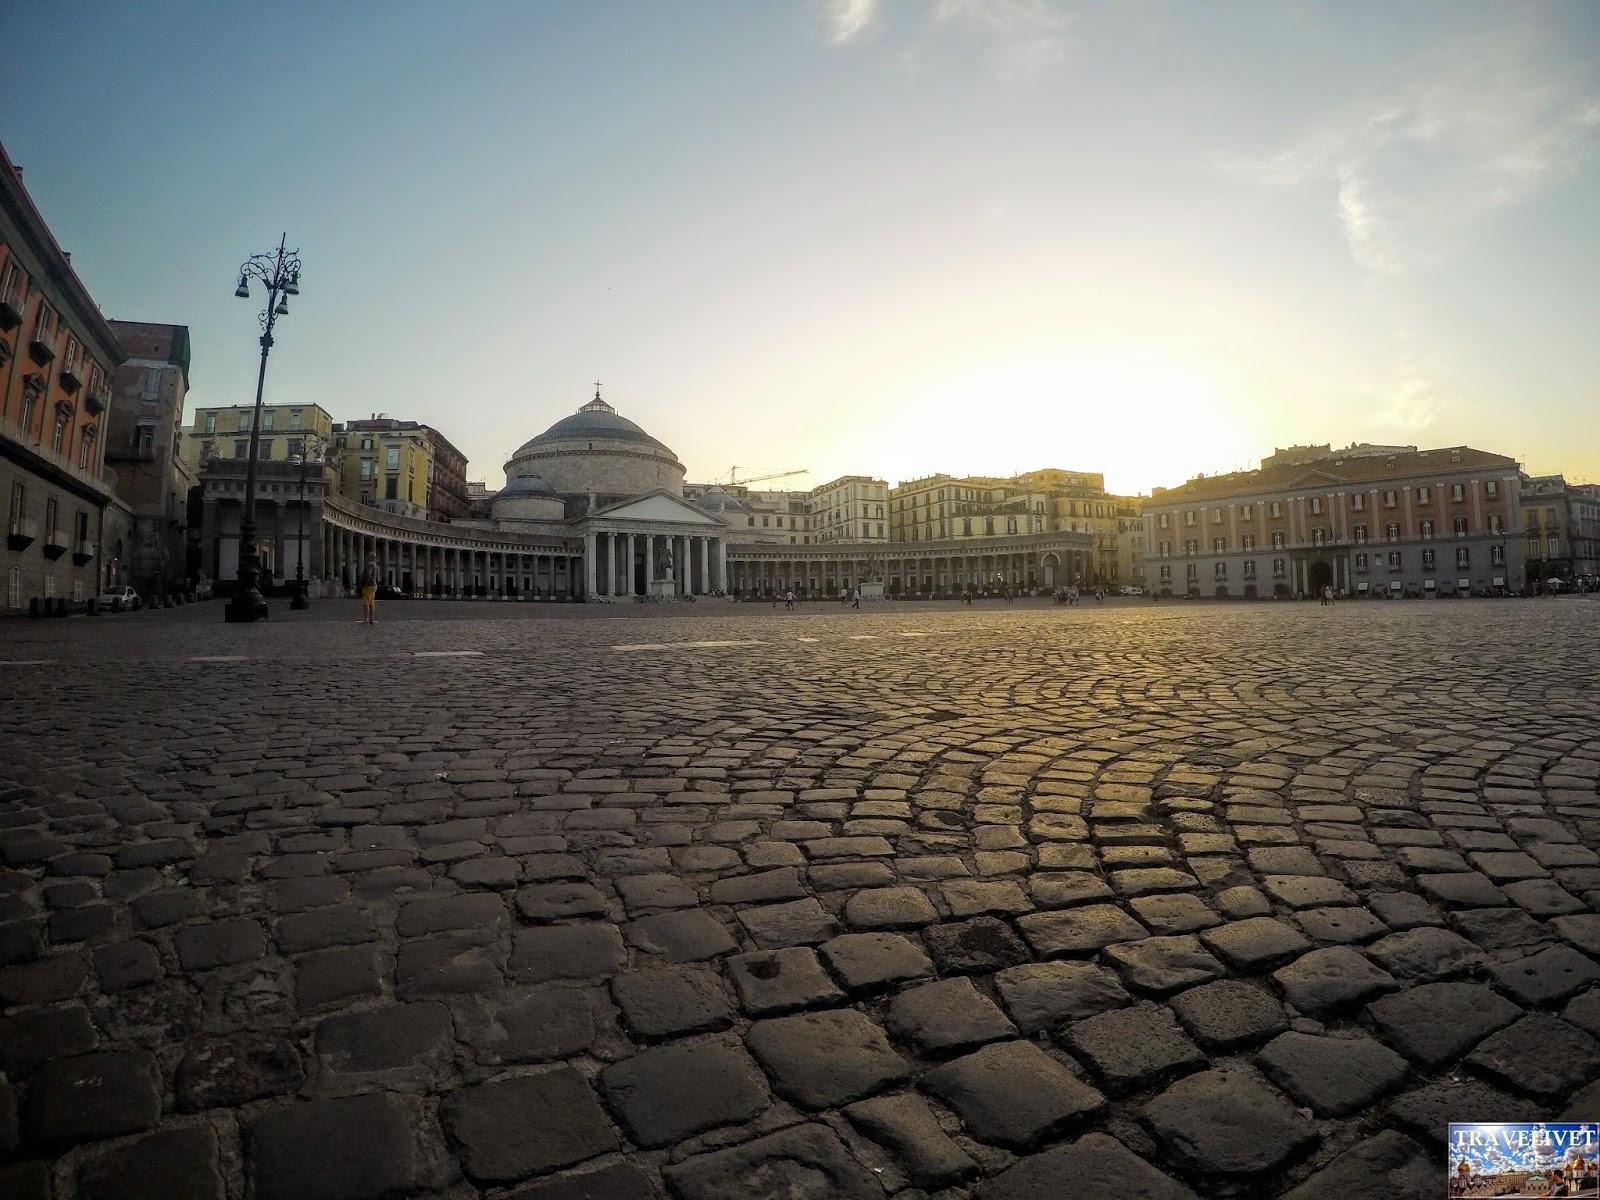 Italie Naples Napoli Piazza del Plebiscito